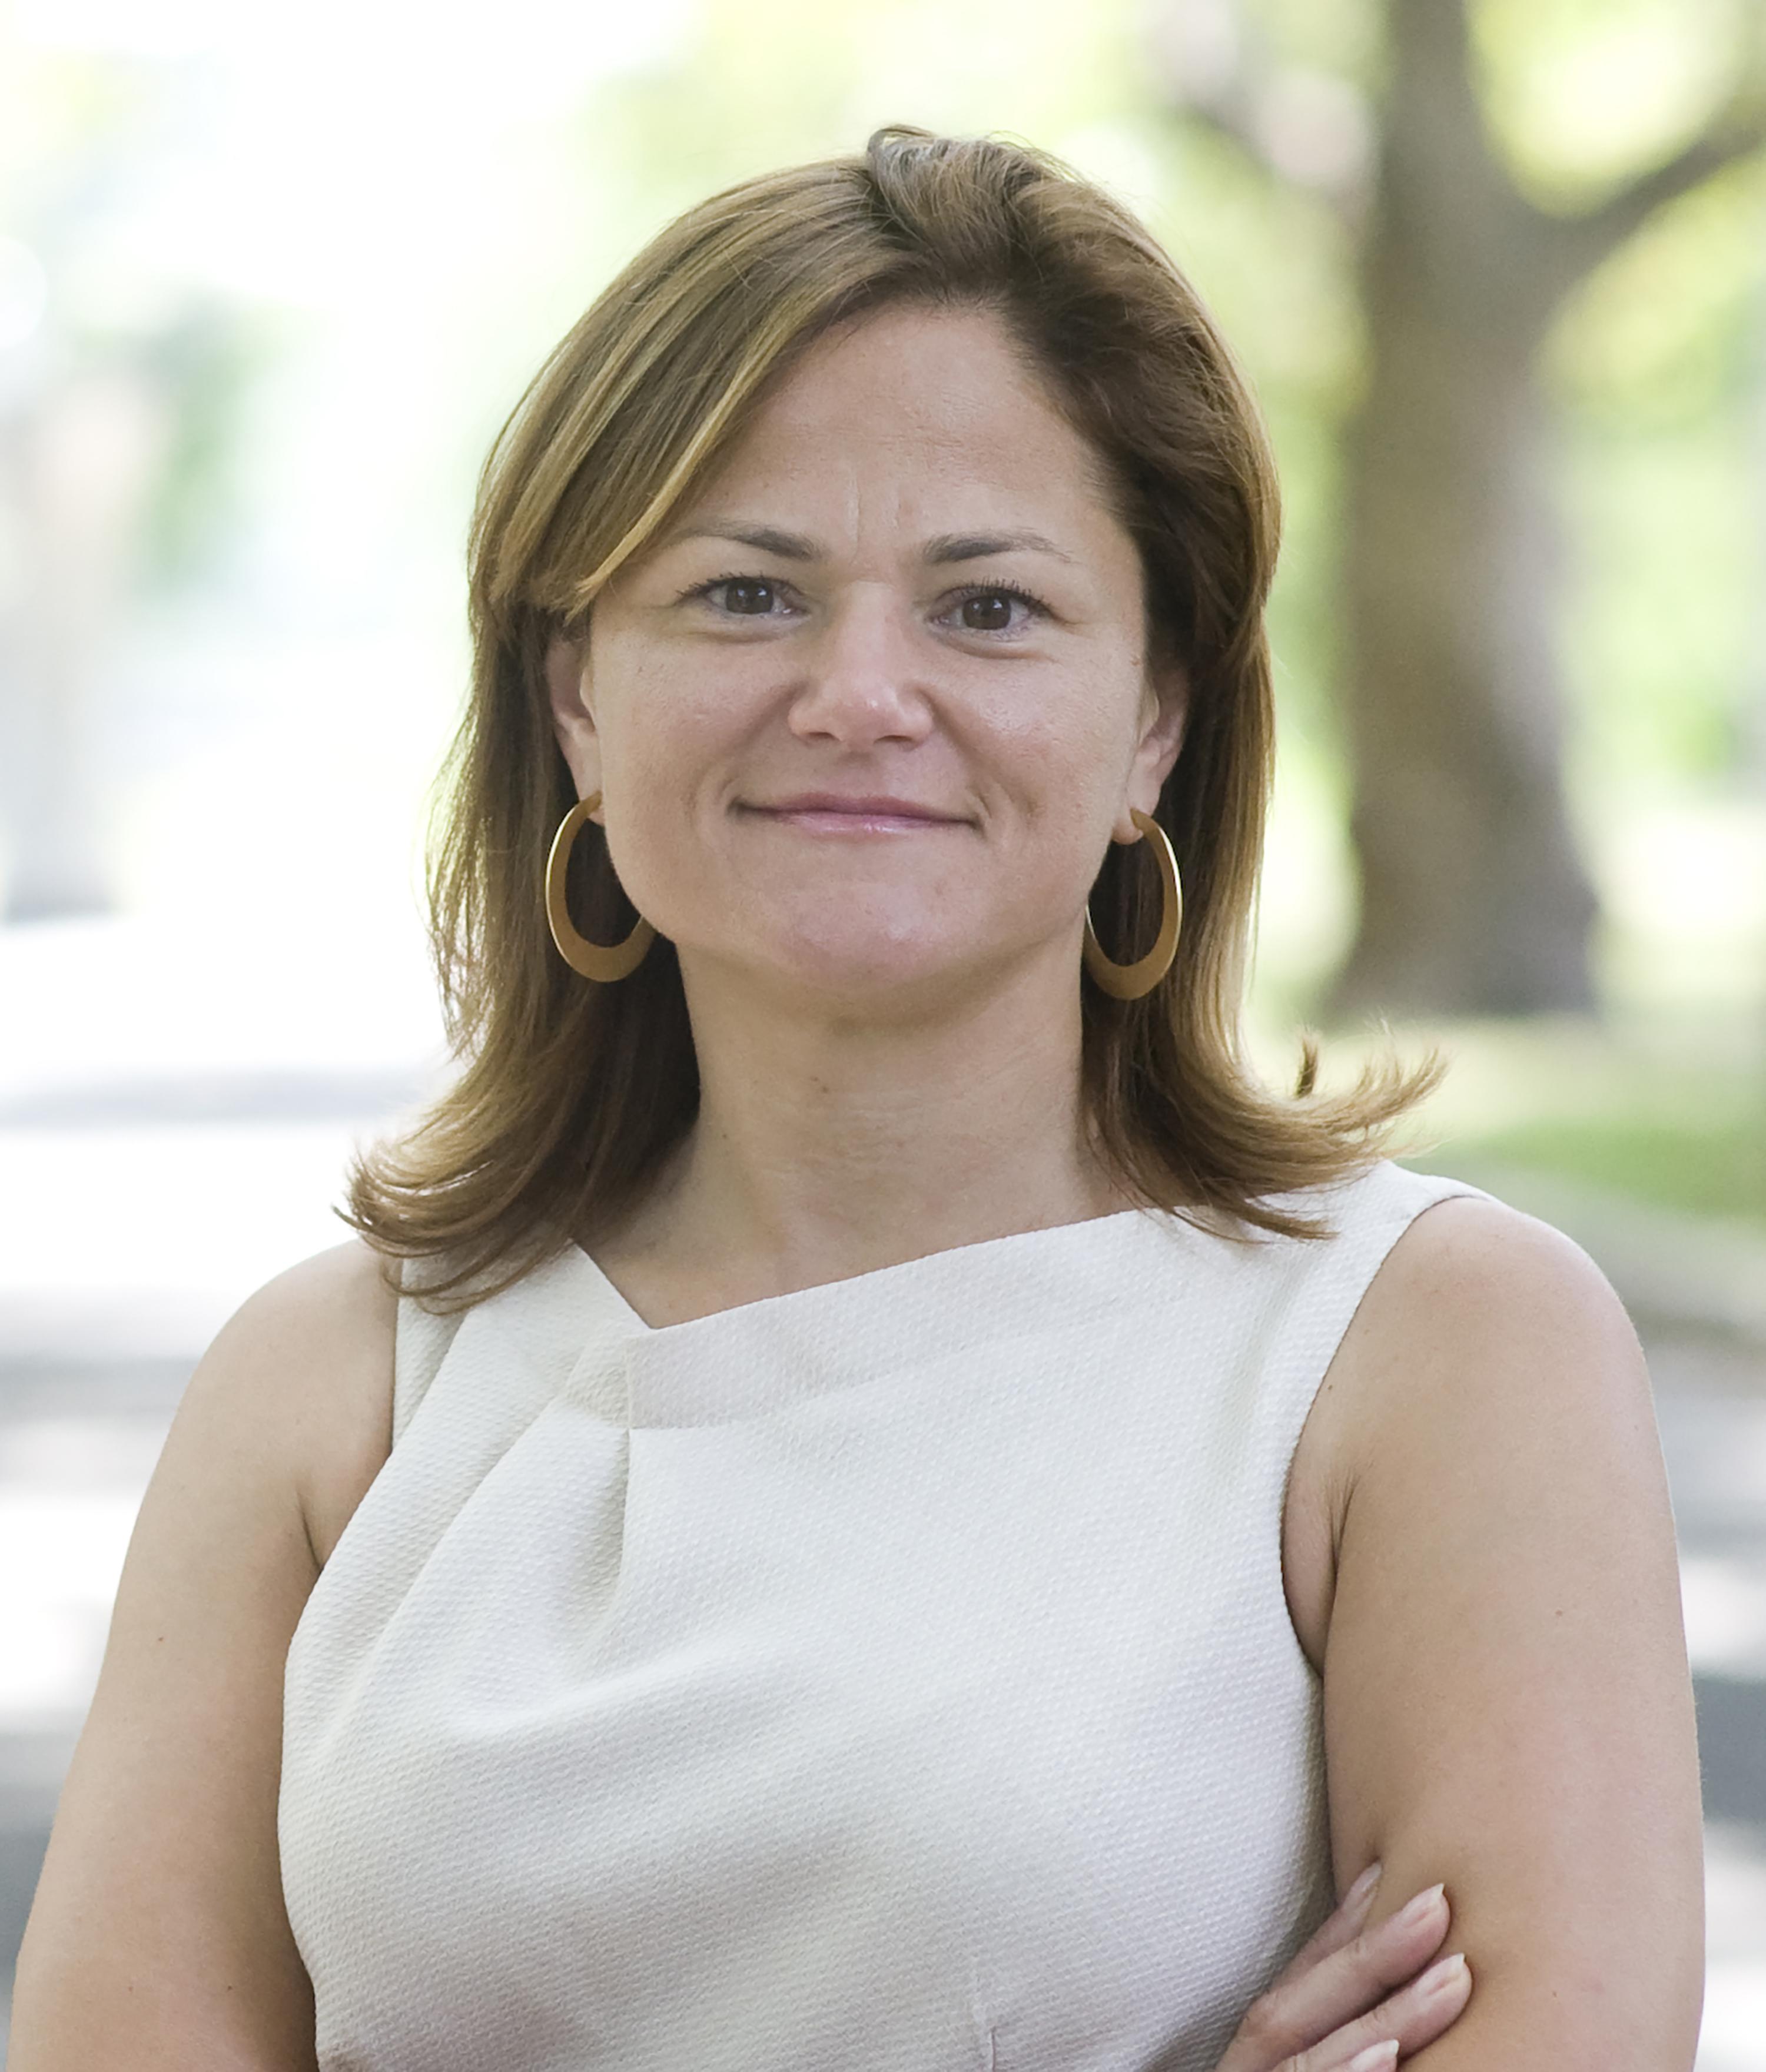 Melissa Mark-Viverito: Últimas Noticias, Videos Y Fotos De Melissa Mark-Viverito